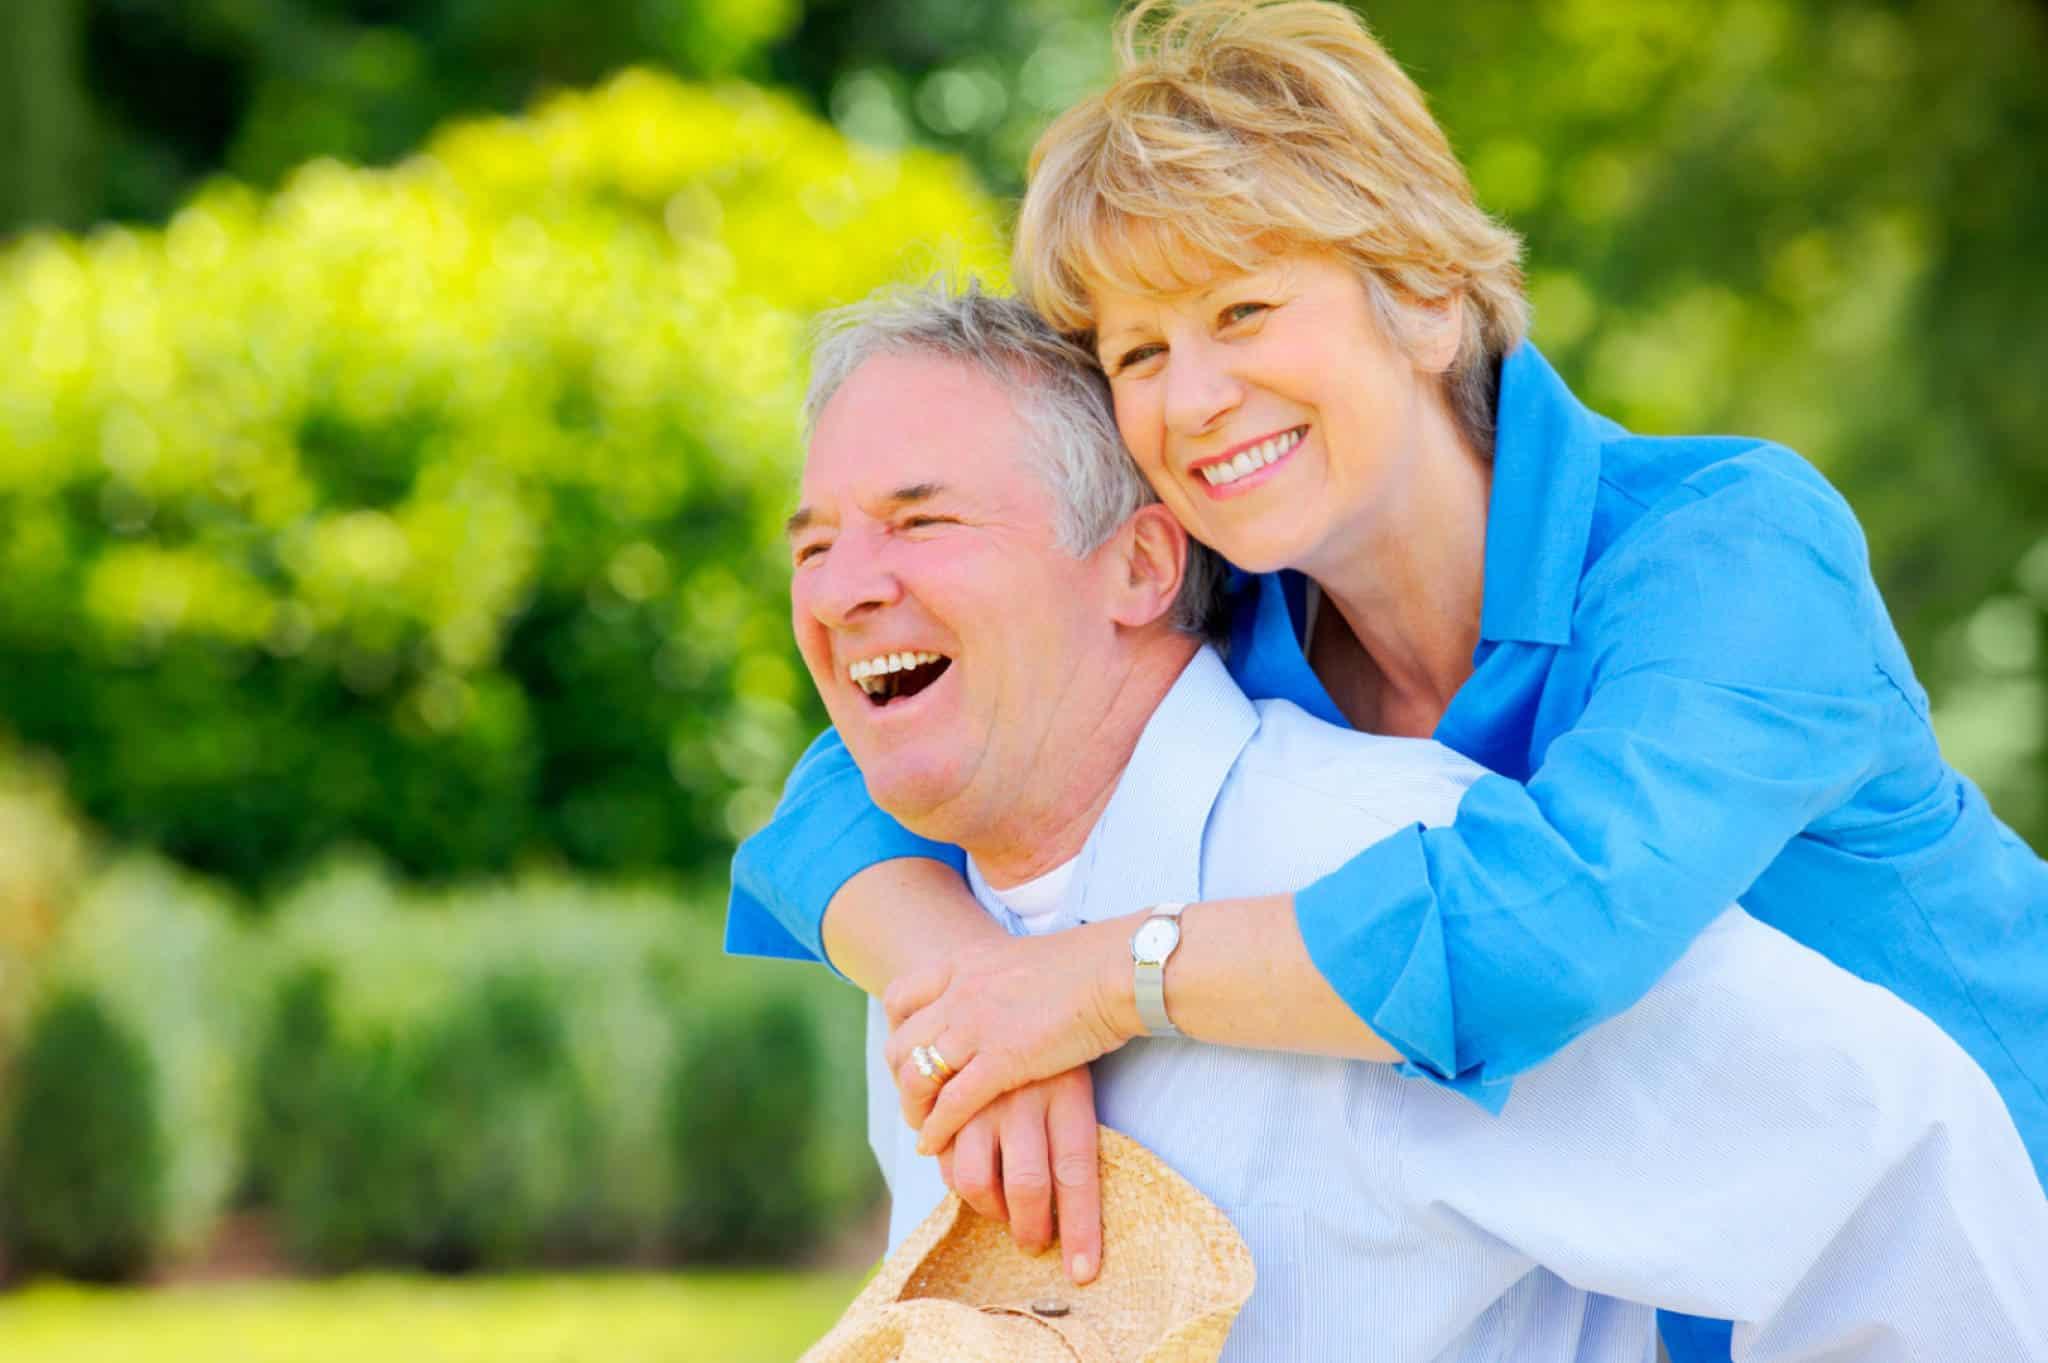 Các Cách Chăm Sóc Người Già Tại Nhà Giúp Bí Quyết Tăng Tuổi Thọ